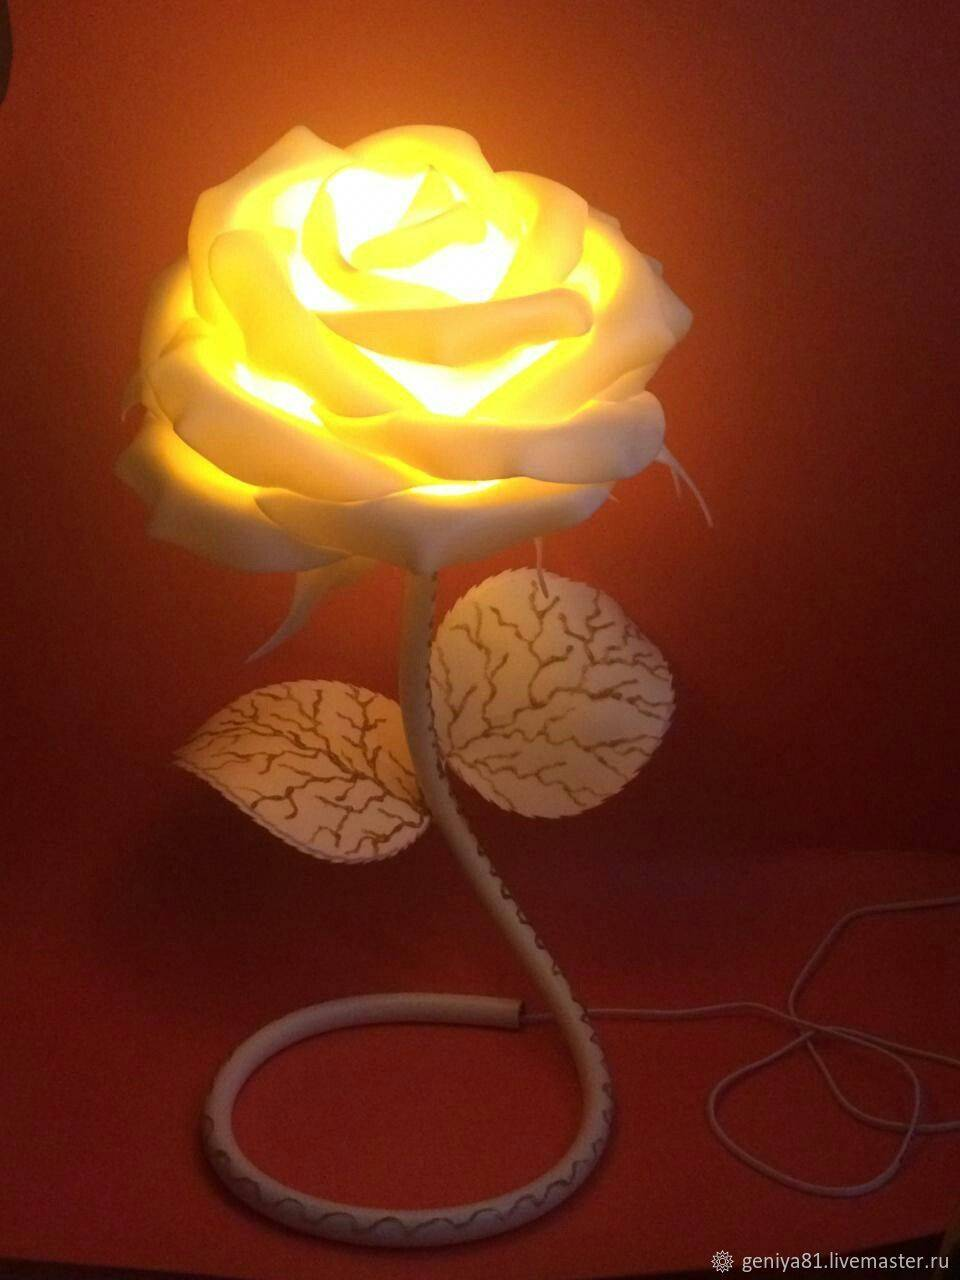 Детские светильники из изолона: для мальчиков и девочек, делаем ночники для детей своими руками по мастер-классу